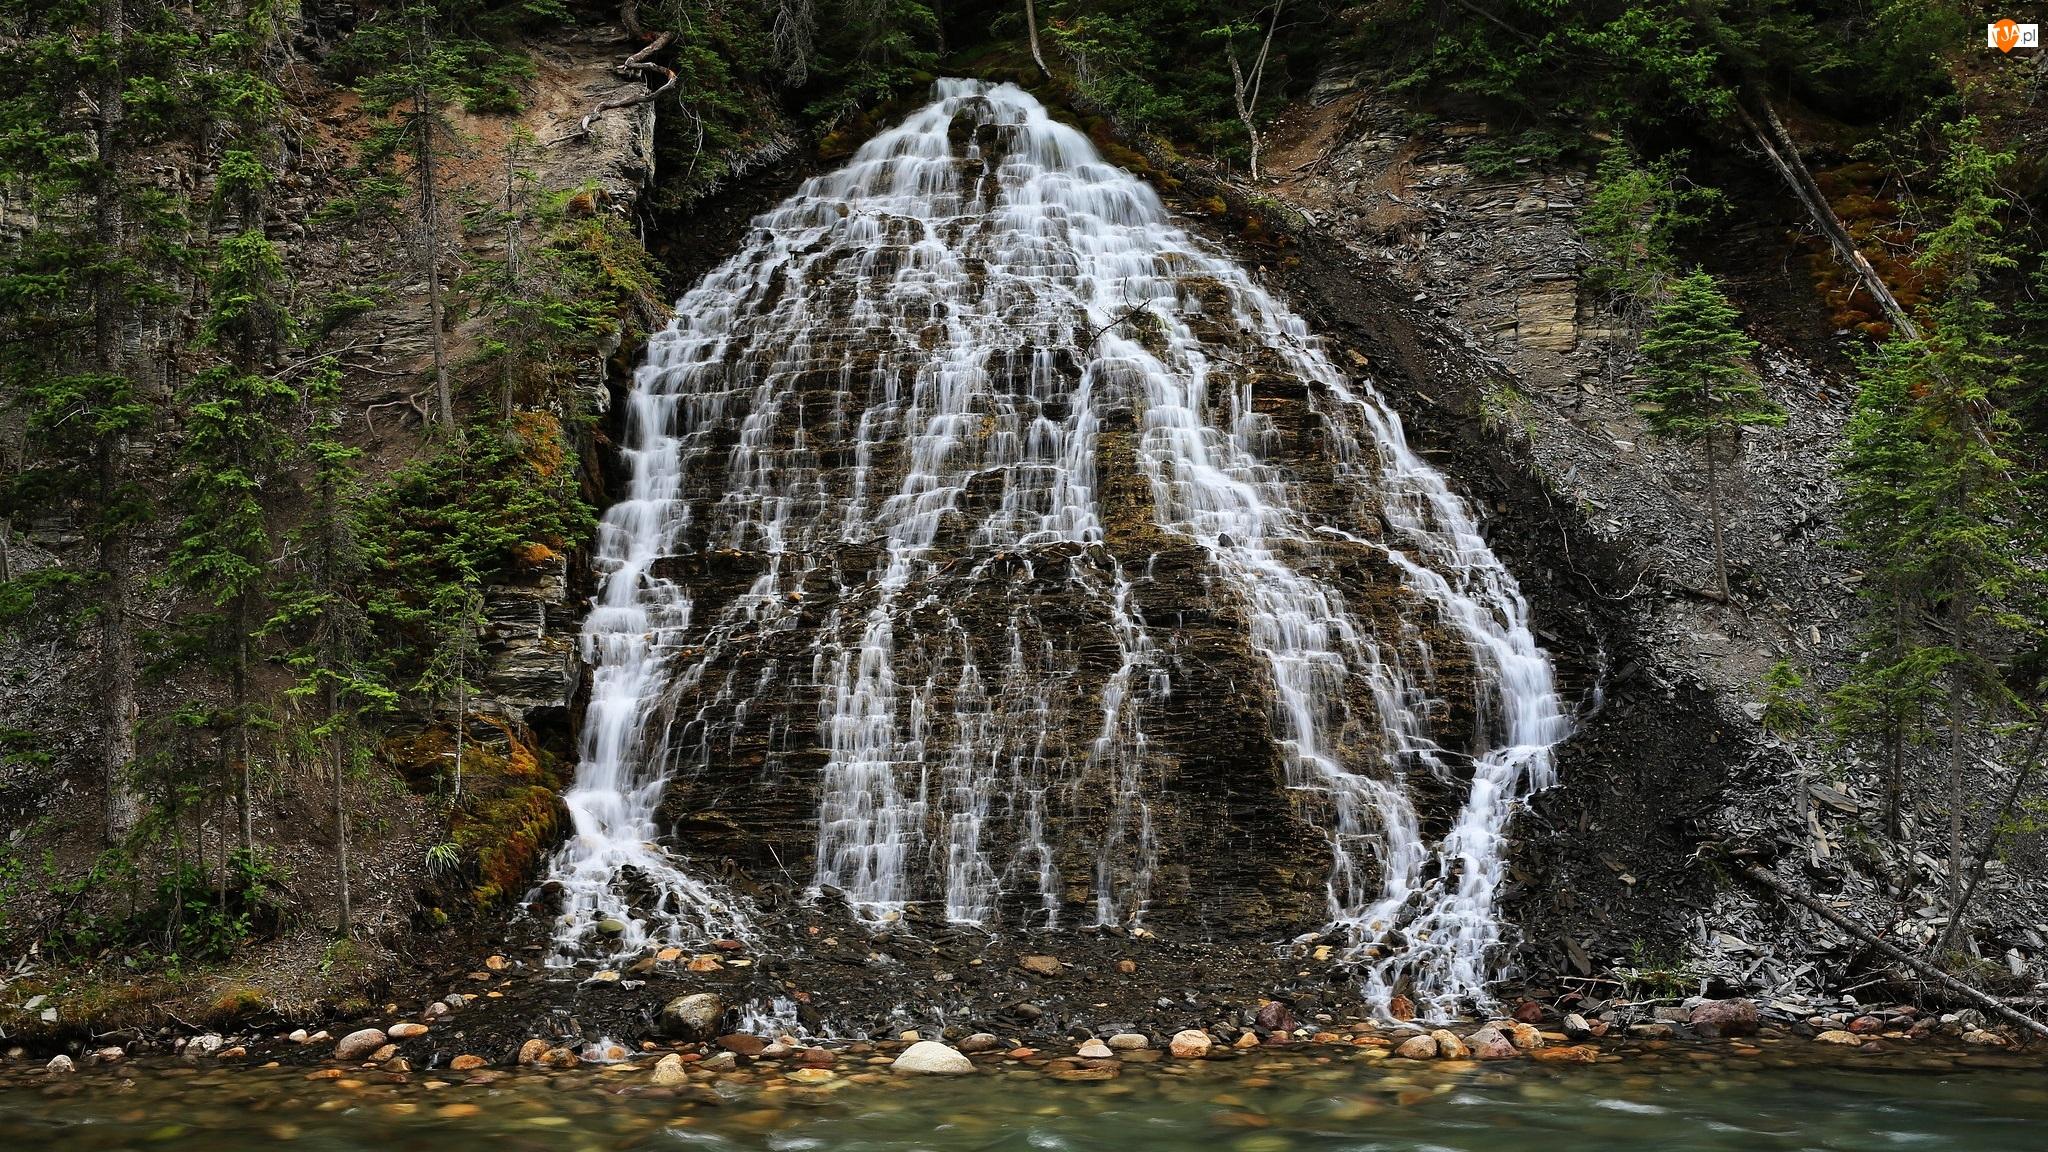 Kamienie, Drzewa, Wodospad, Skały, Rzeka